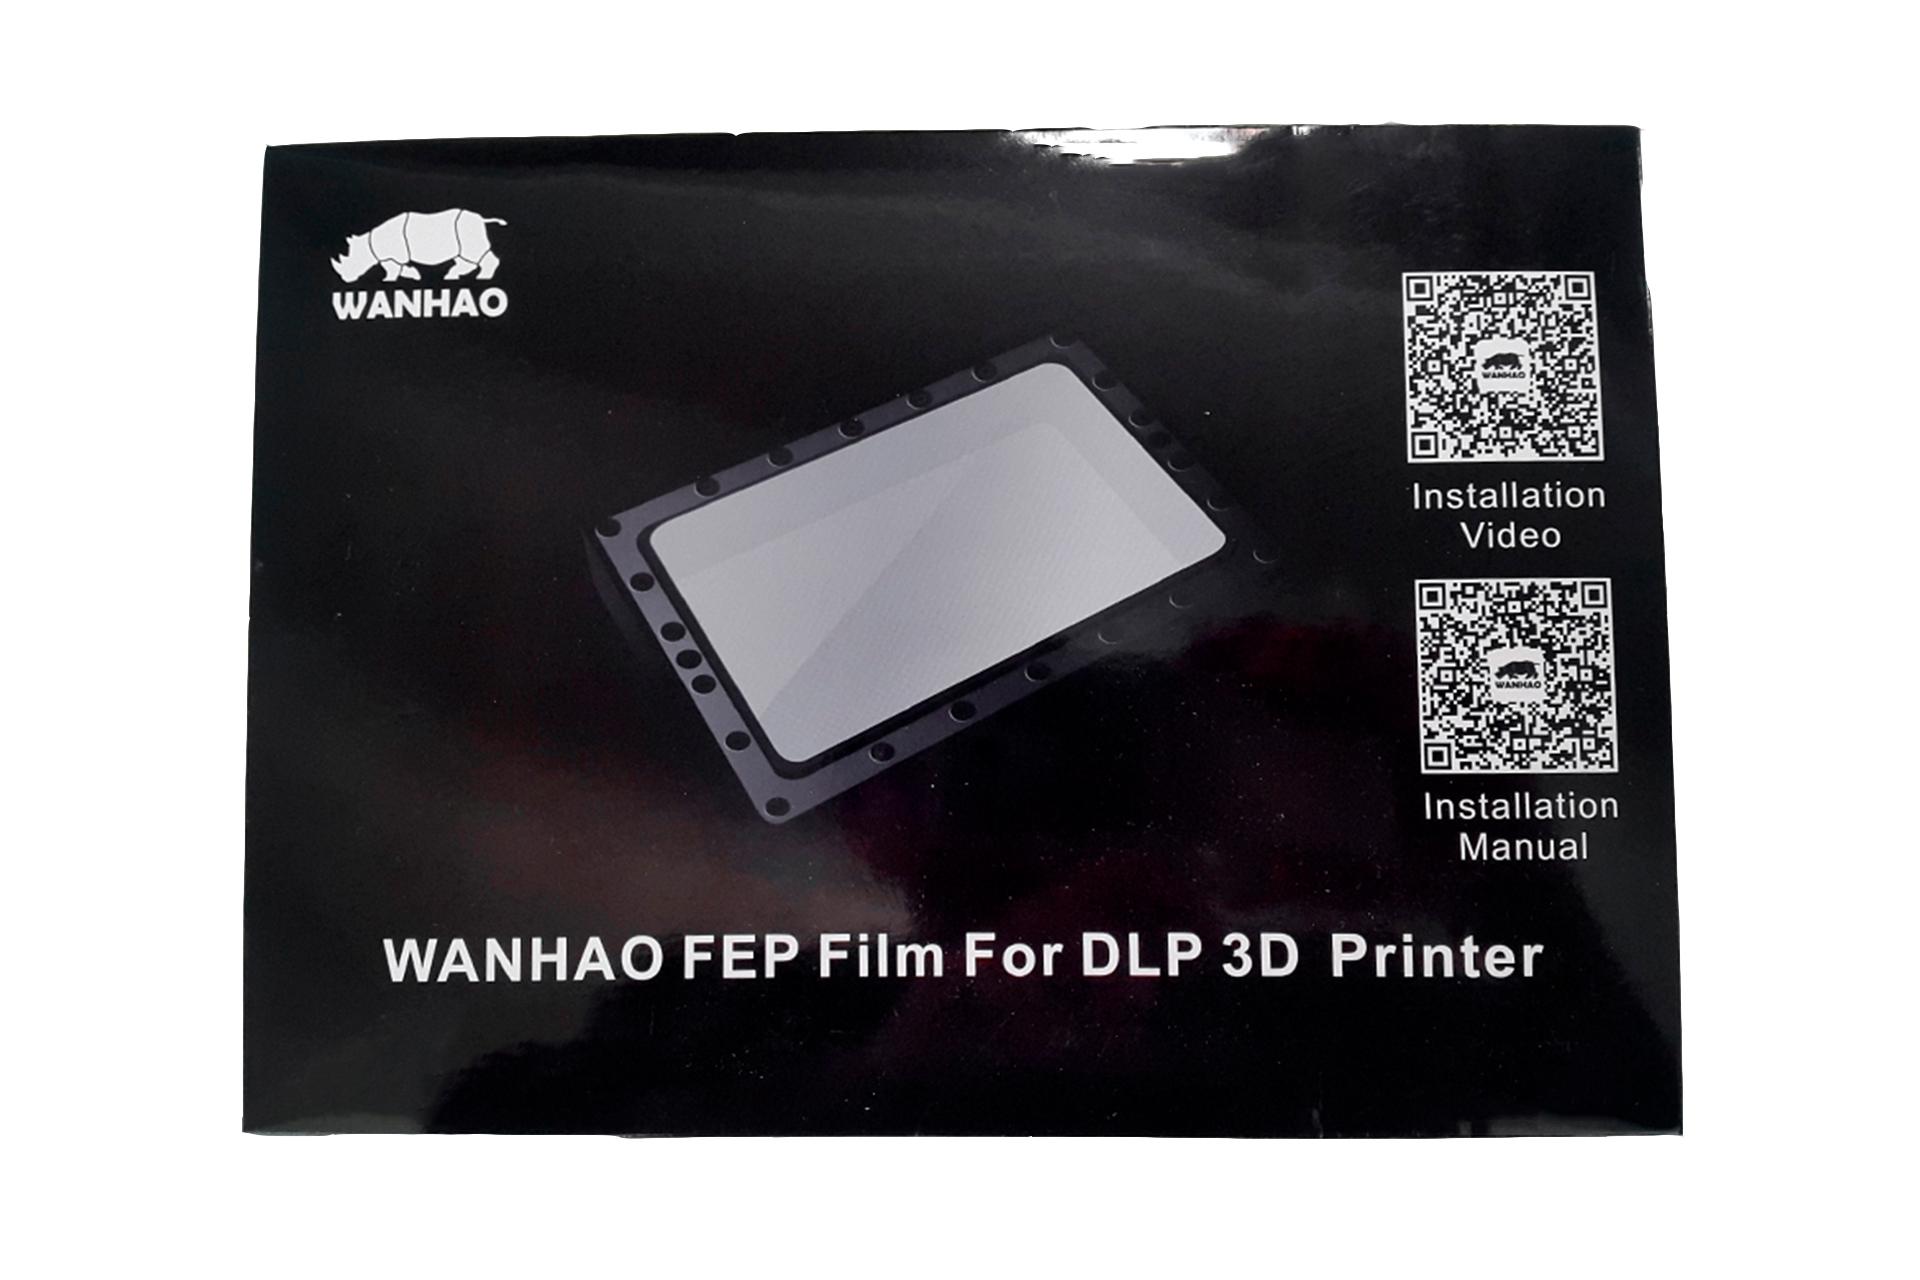 Тефлоновая FEP пленка для ванночки для DLP 3D принтера Wanhao Duplicator 7, 7 Plus купить киев харьков одесса львов запорожье днепр